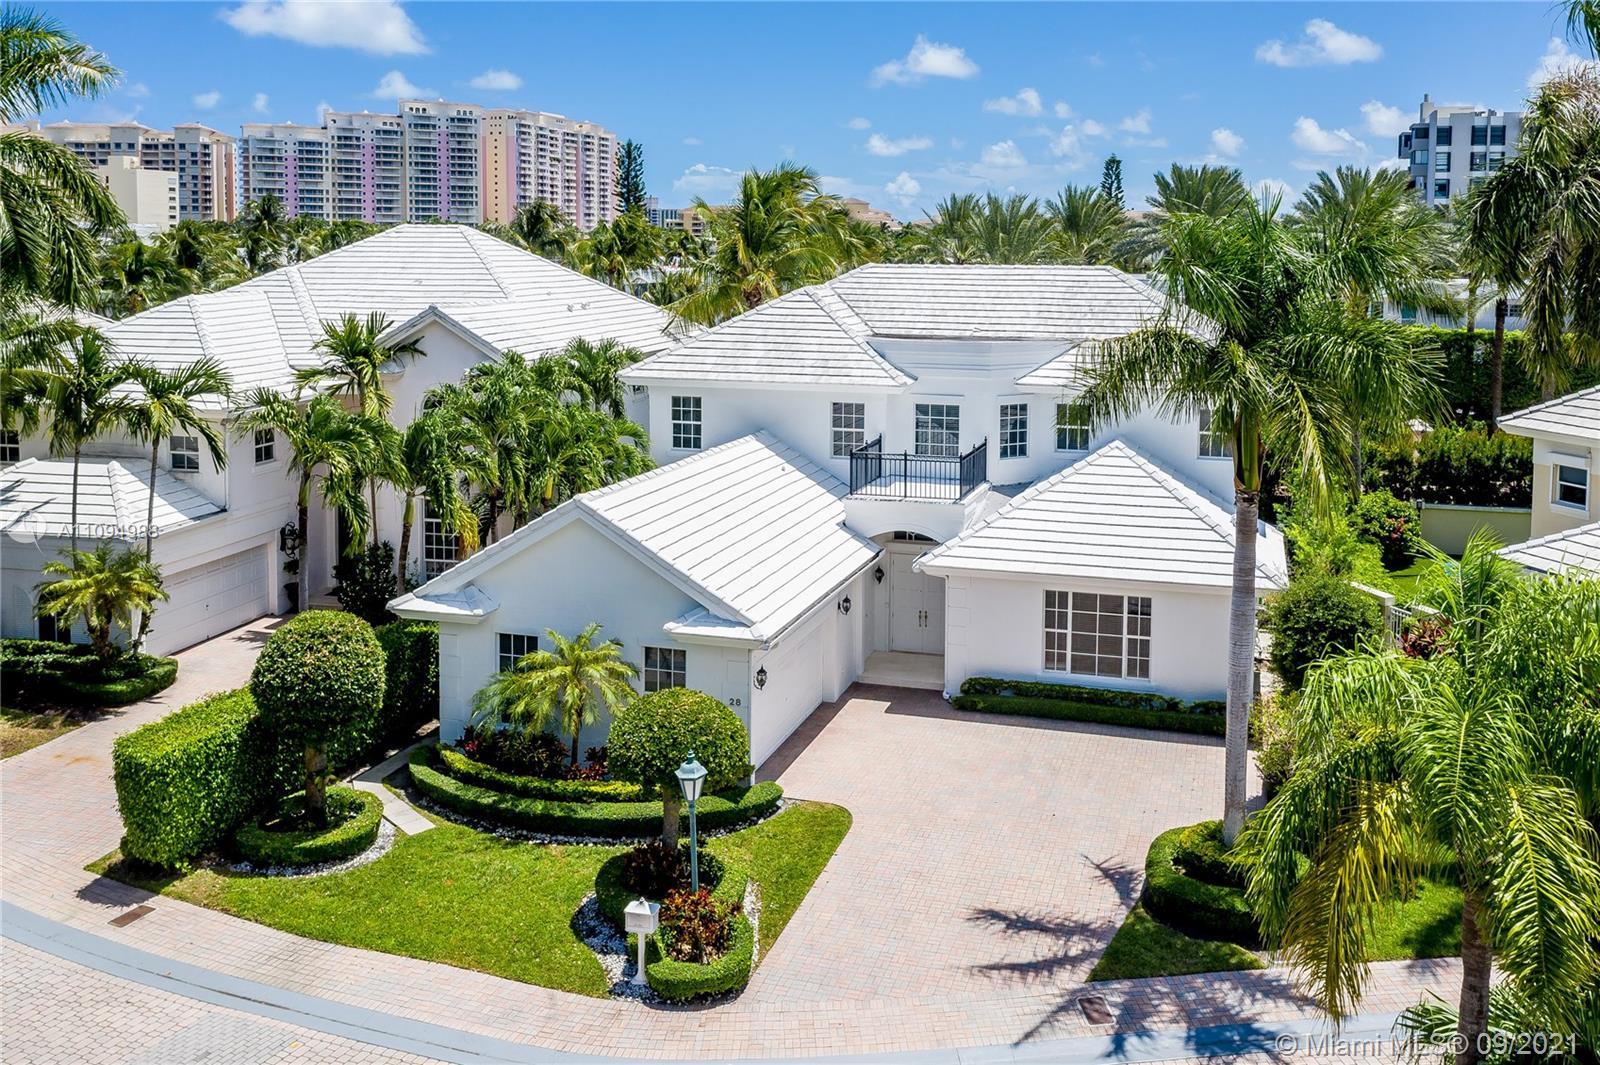 28 Grand bay estates cir- key-biscayne-fl-33149-a11094988-Pic01